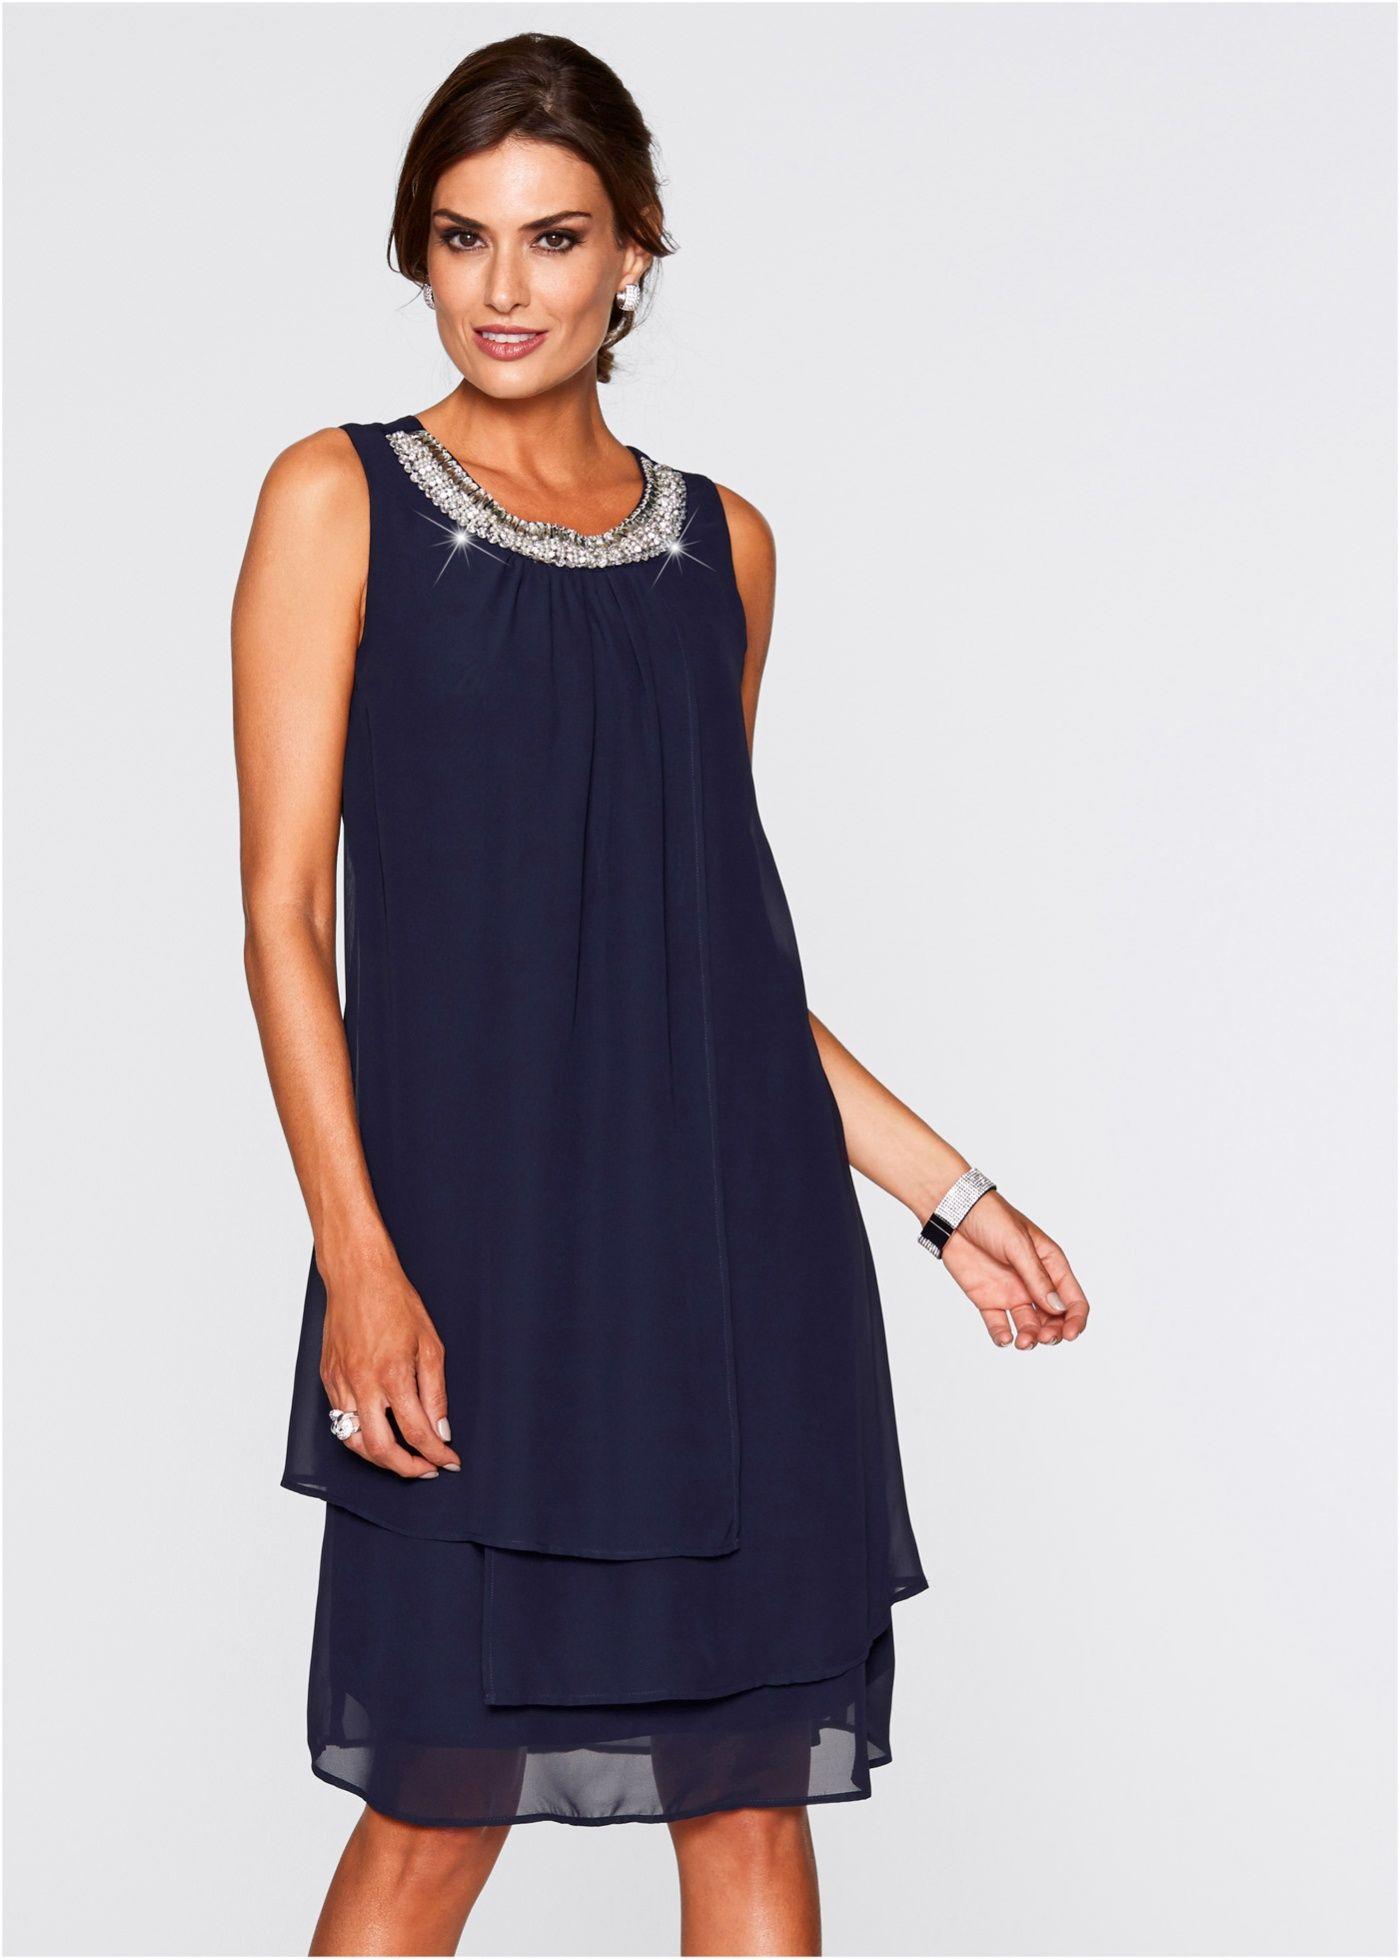 wundervolles kleid mit perlen - dunkelblau | kleider für